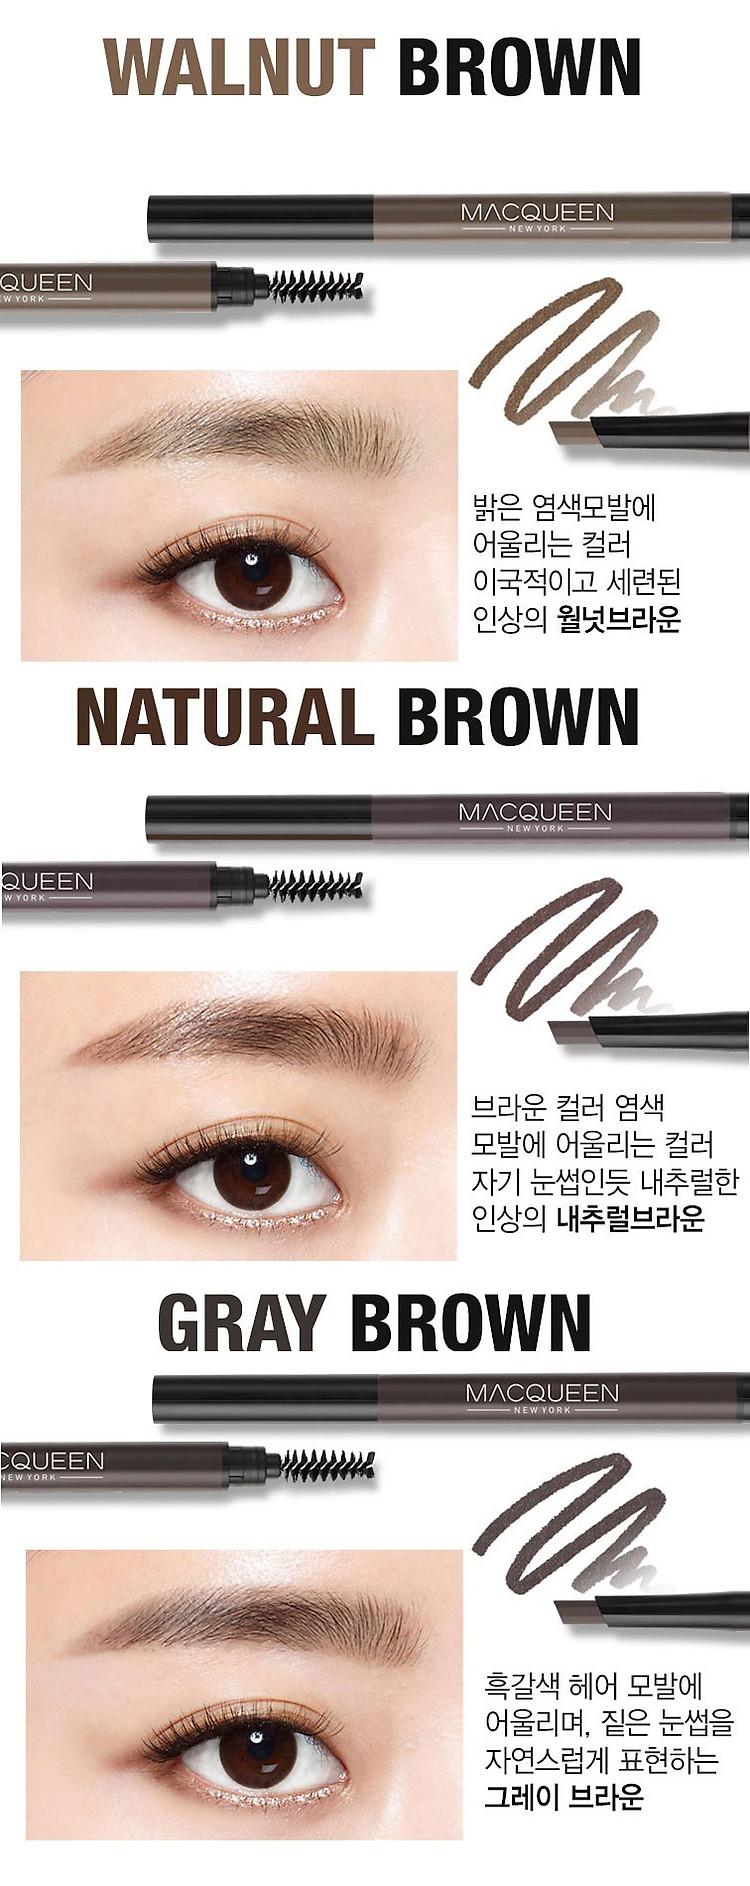 Macqueen-My-Strong-Auto-Eyebrow-Pencil-Hard-Powder